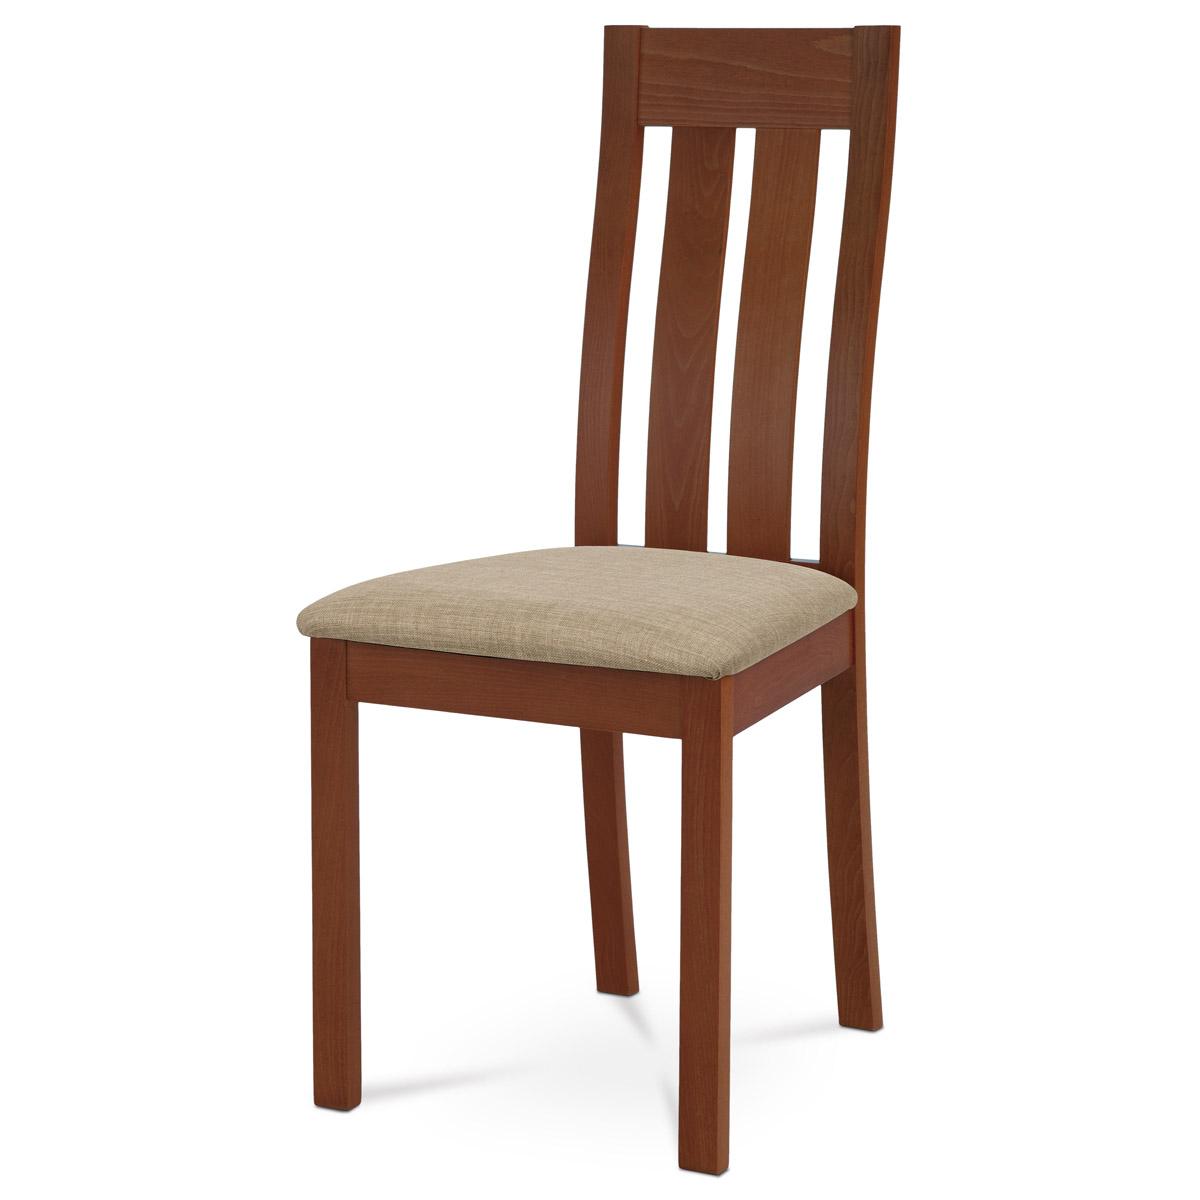 Autronic - Jídelní židle masiv buk, barva třešeň, potah béžový - BC-2602 TR3